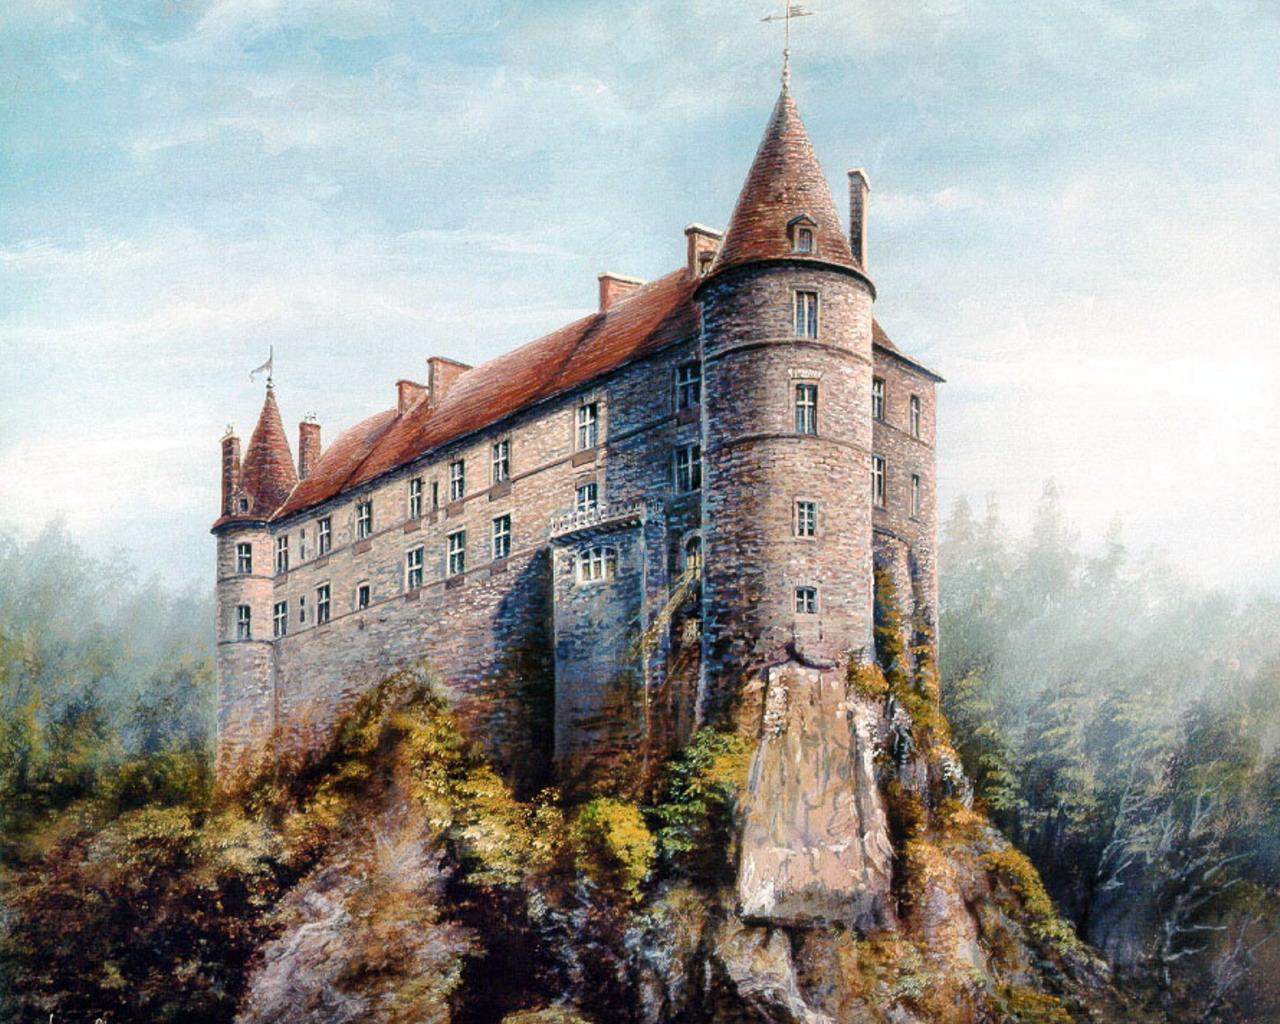 Image for Medieval Castle Desktop Wallpaper 1280x1024